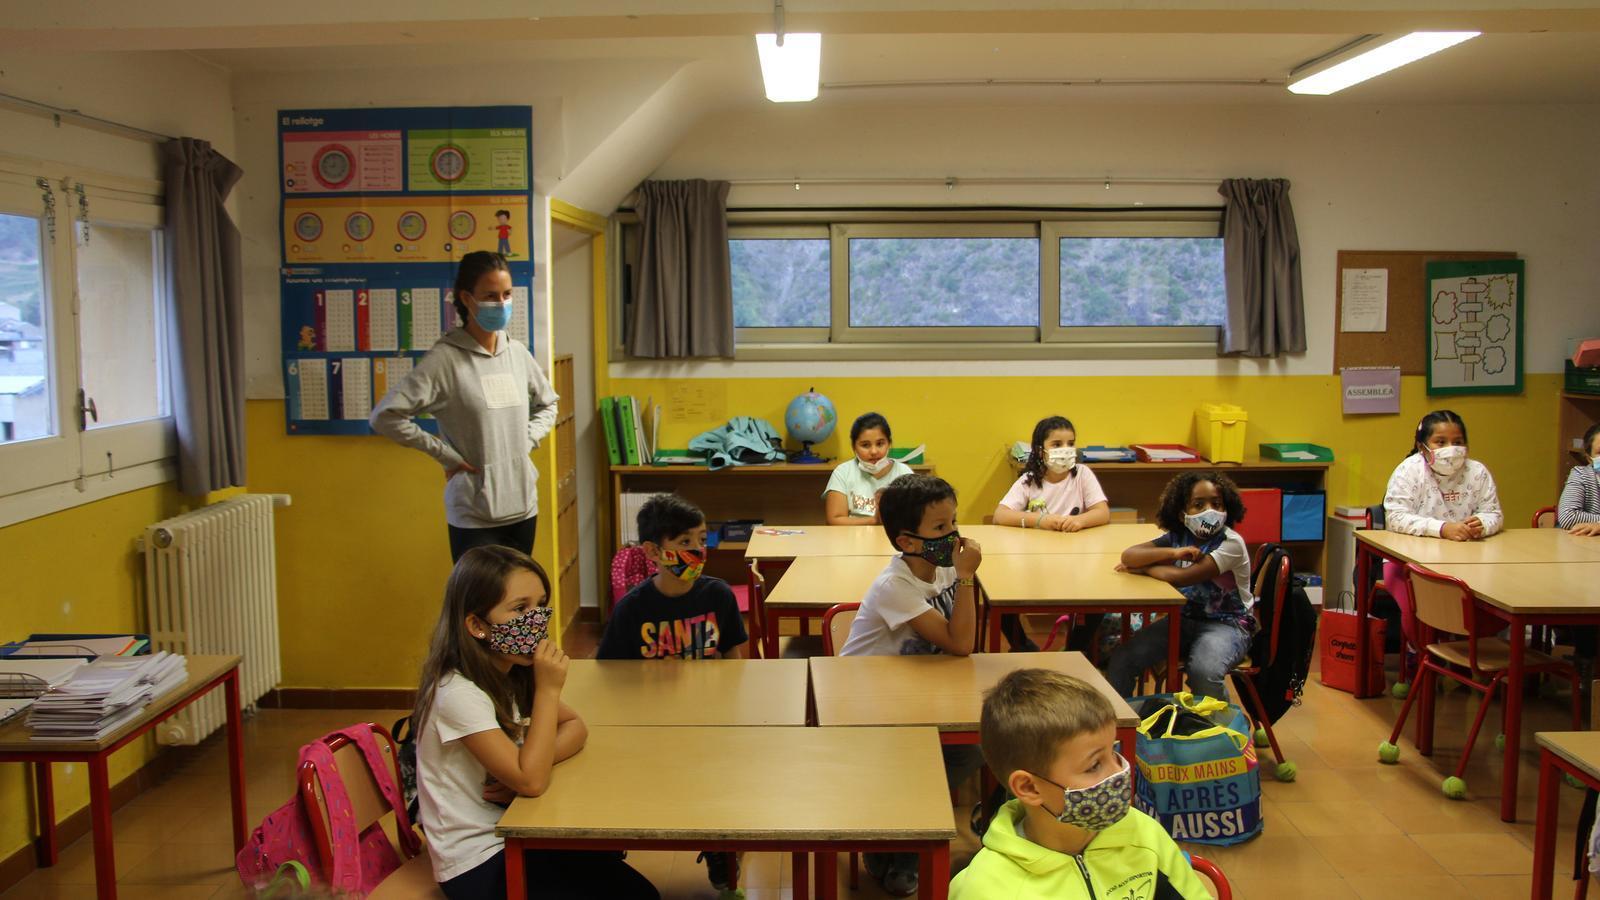 Una classe de l'escola andorrana de Sant Julià de Lòria. / ANA